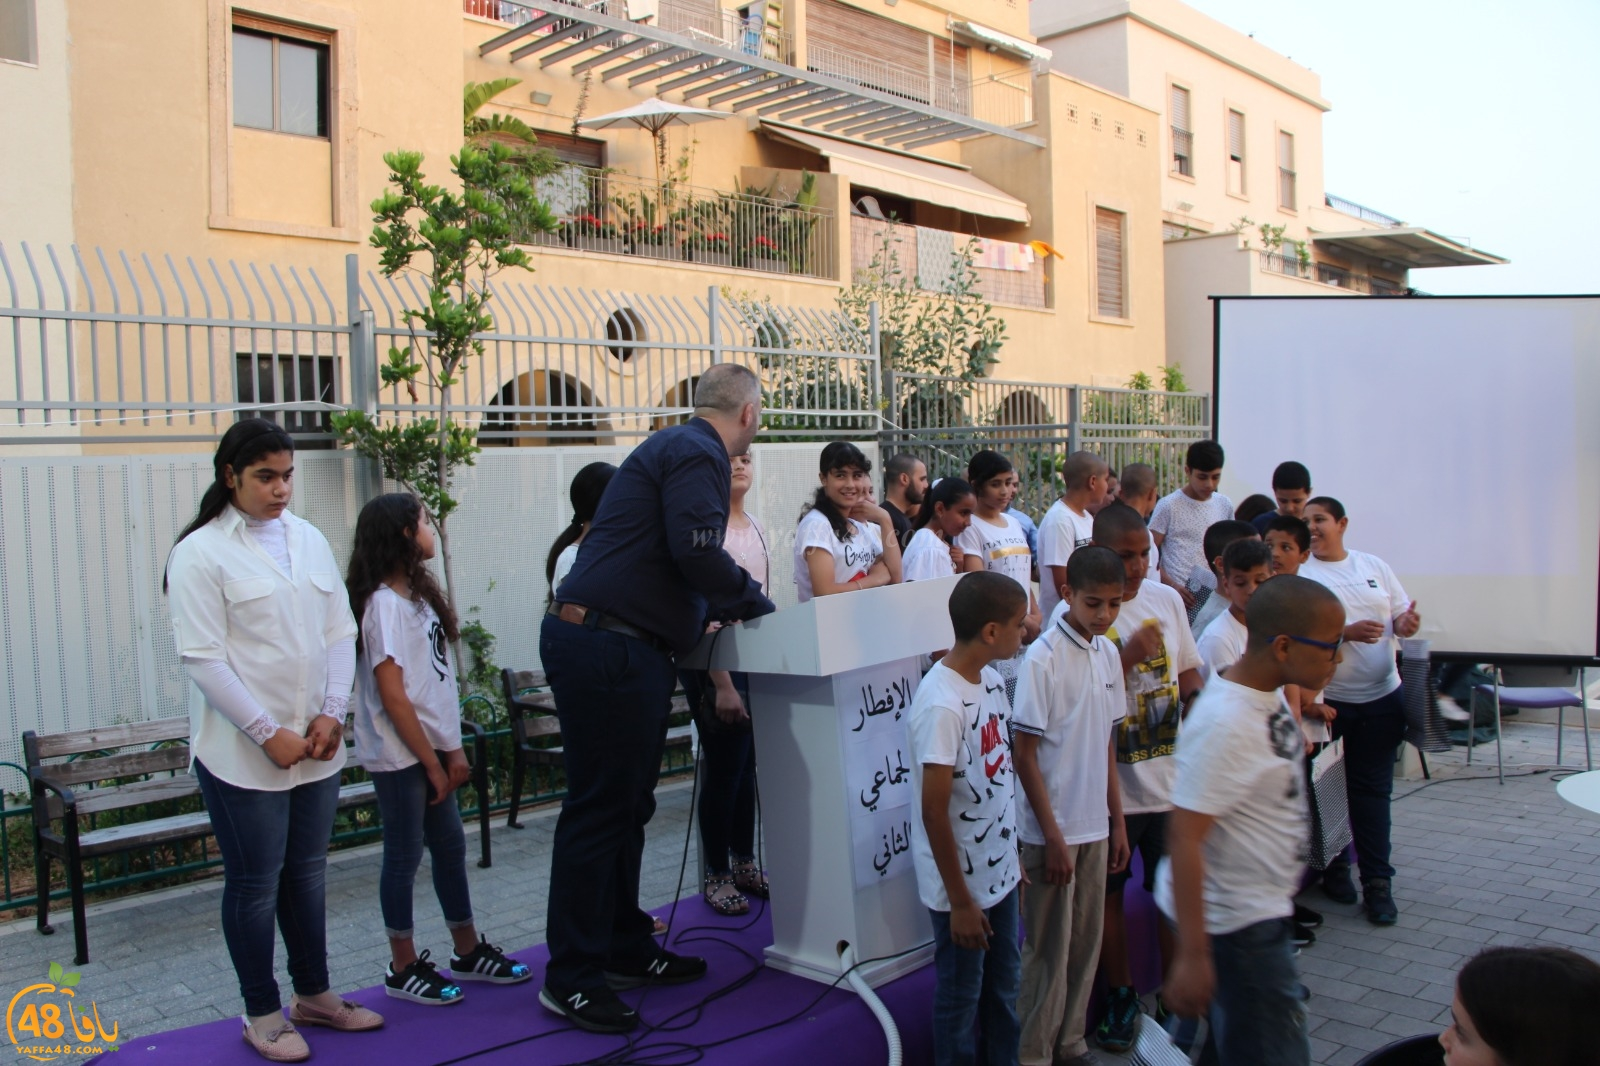 مدرسة يافا المستقبل تعقد إفطارها الجماعي الثاني